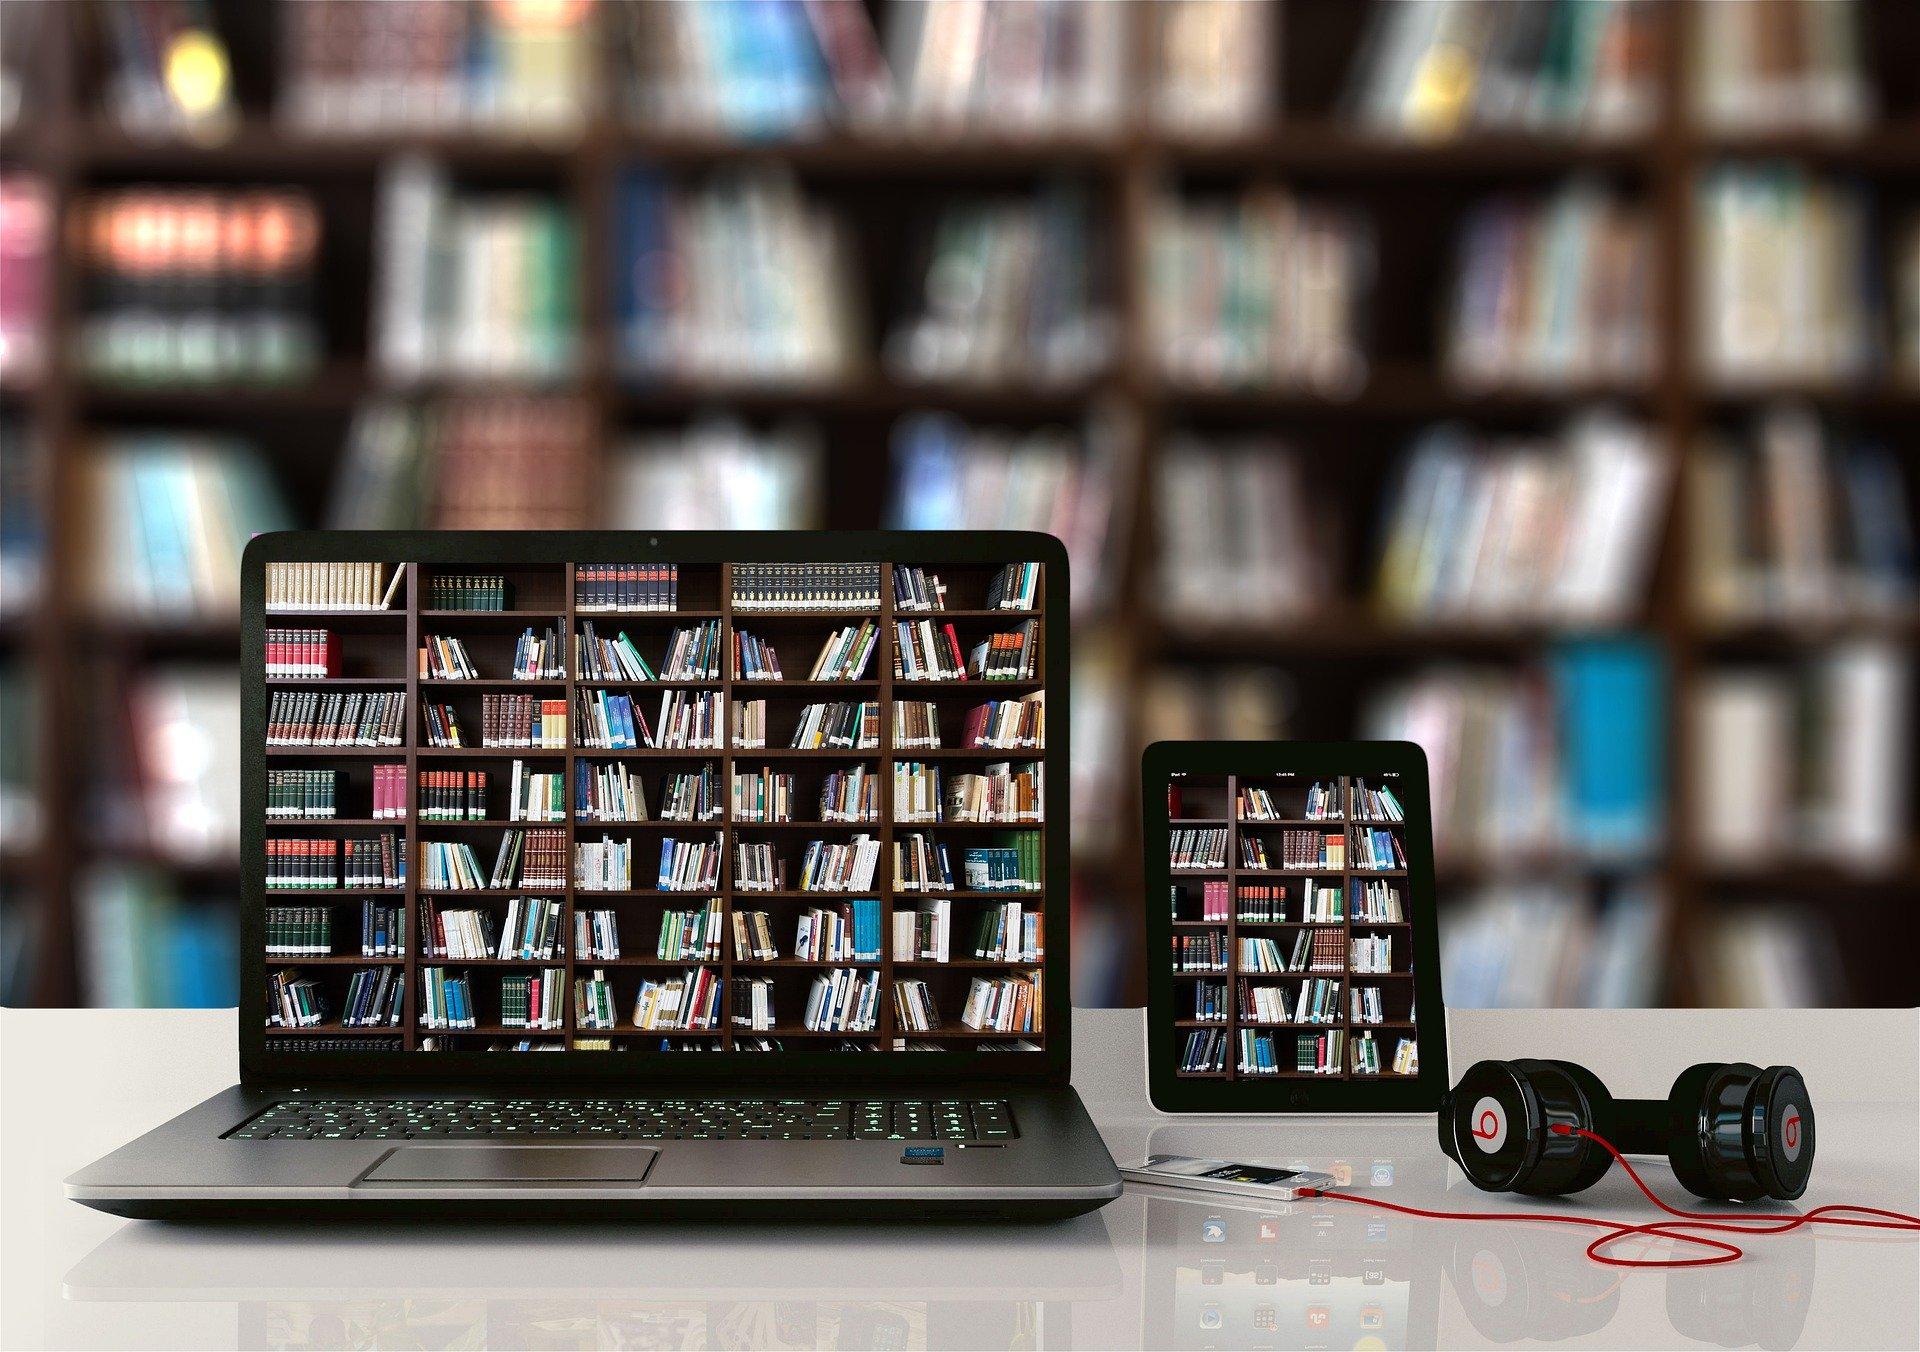 Bibliothek - analog und digital